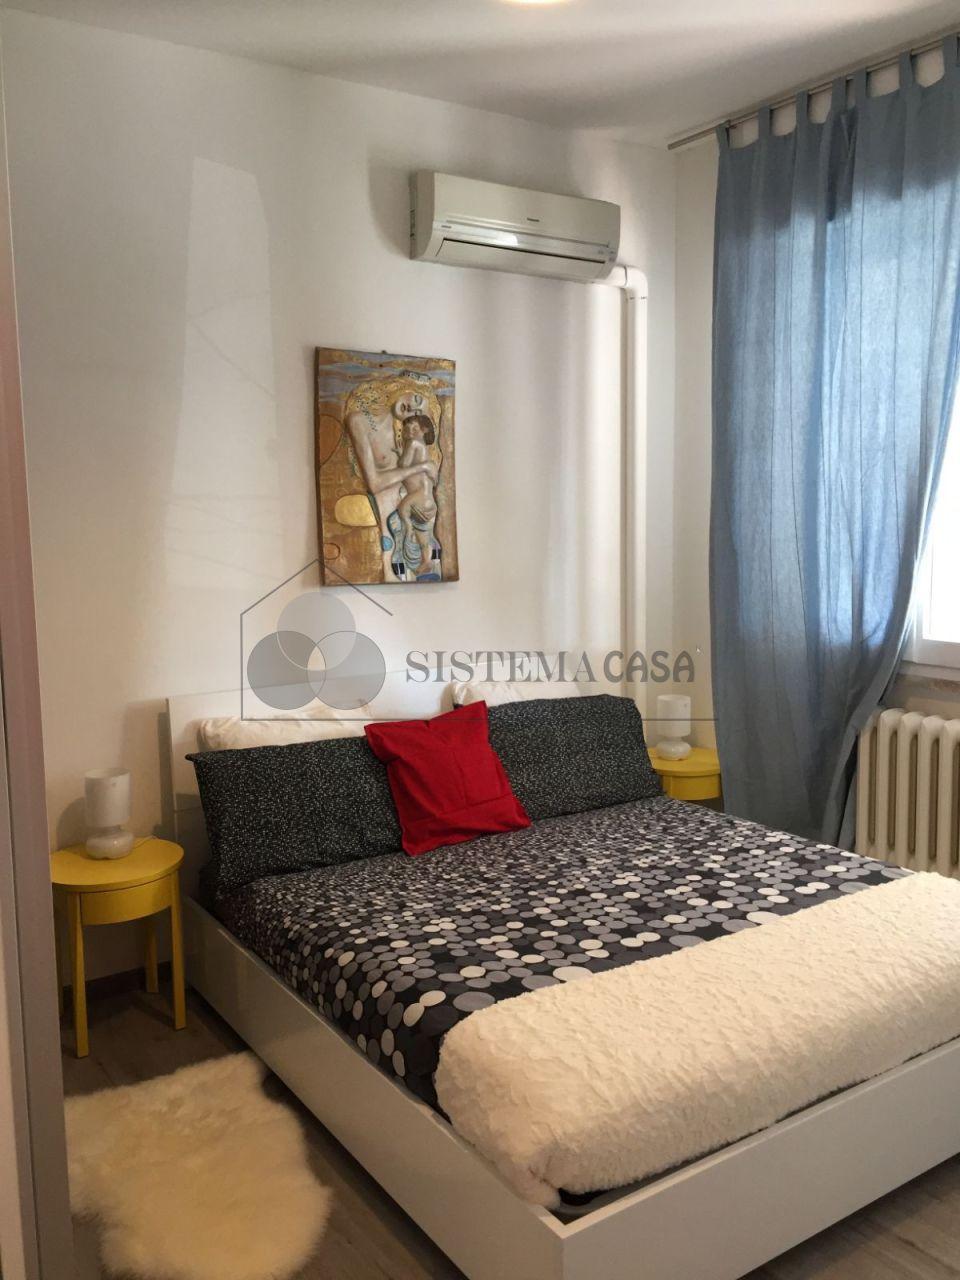 Appartamento, migliarina, Vendita - La Spezia